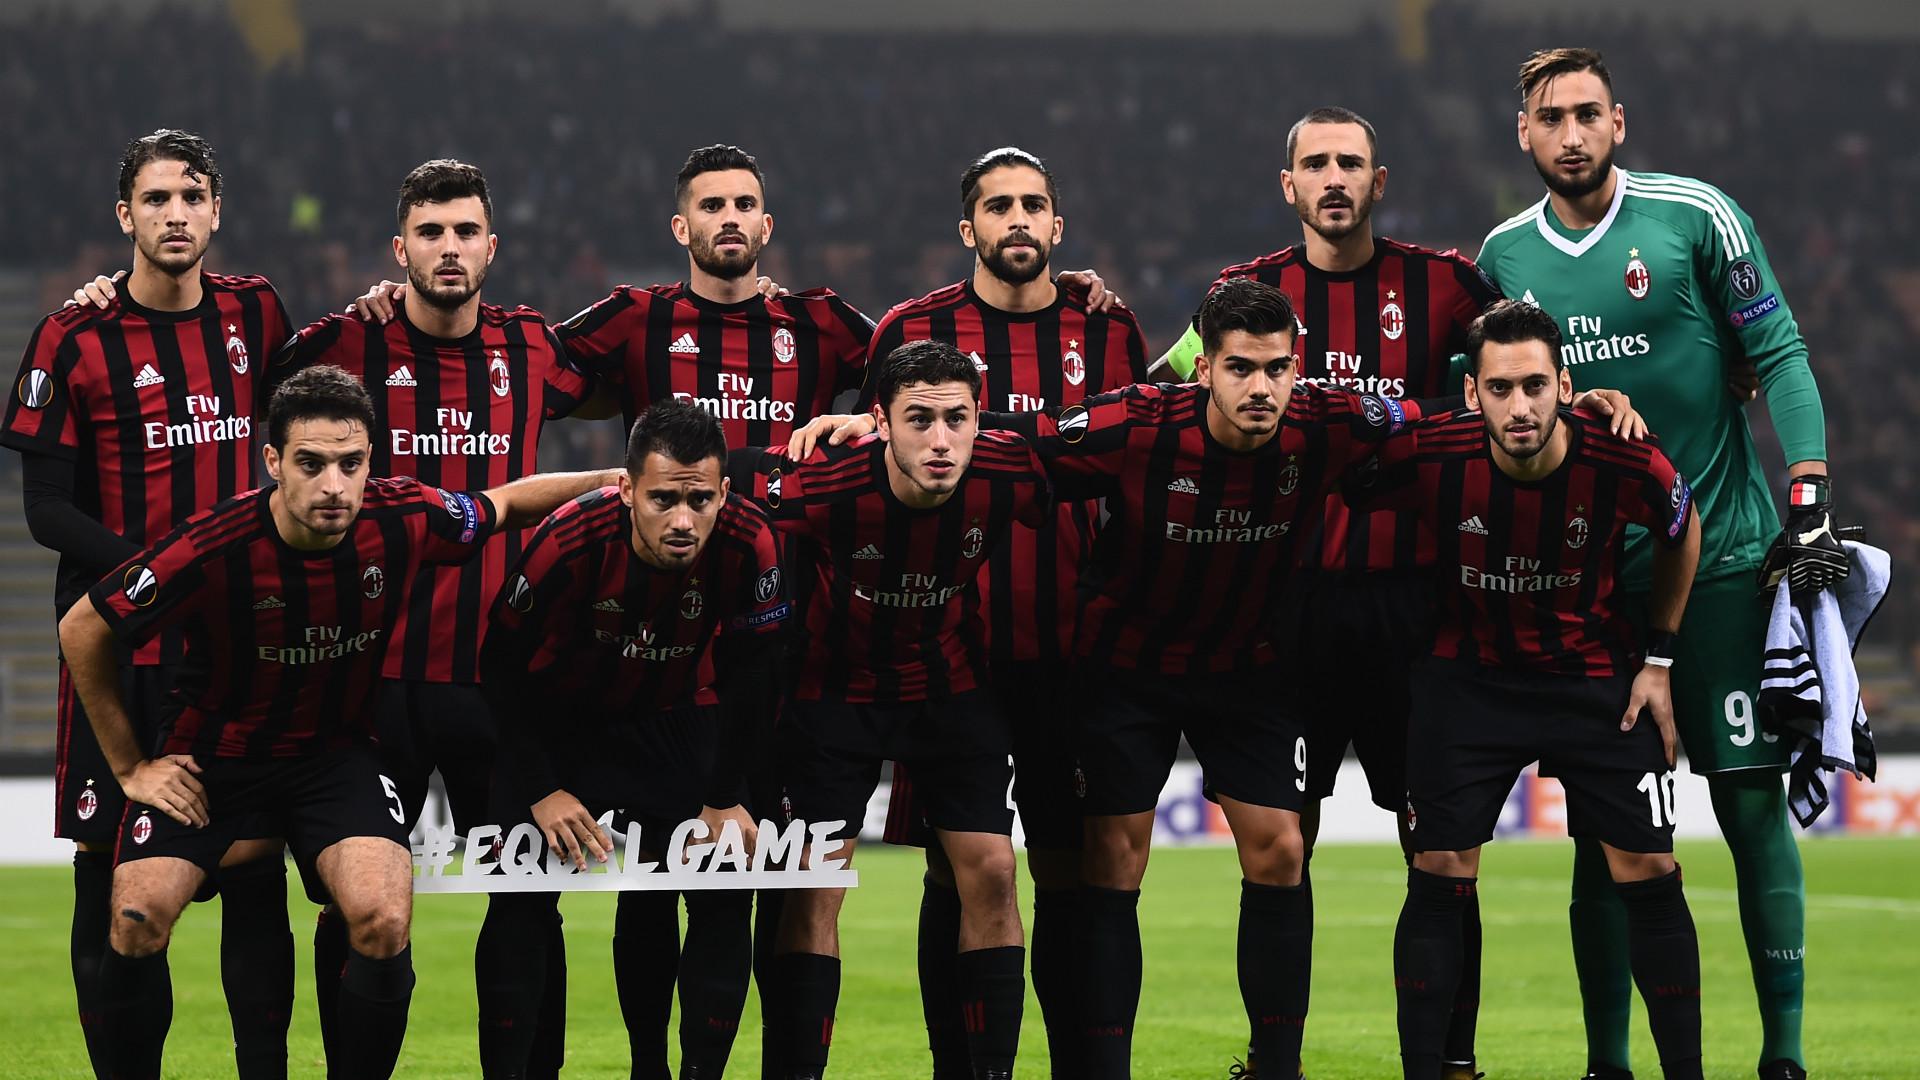 Il Milan cambia sponsor tecnico: in giornata l'annuncio di Puma